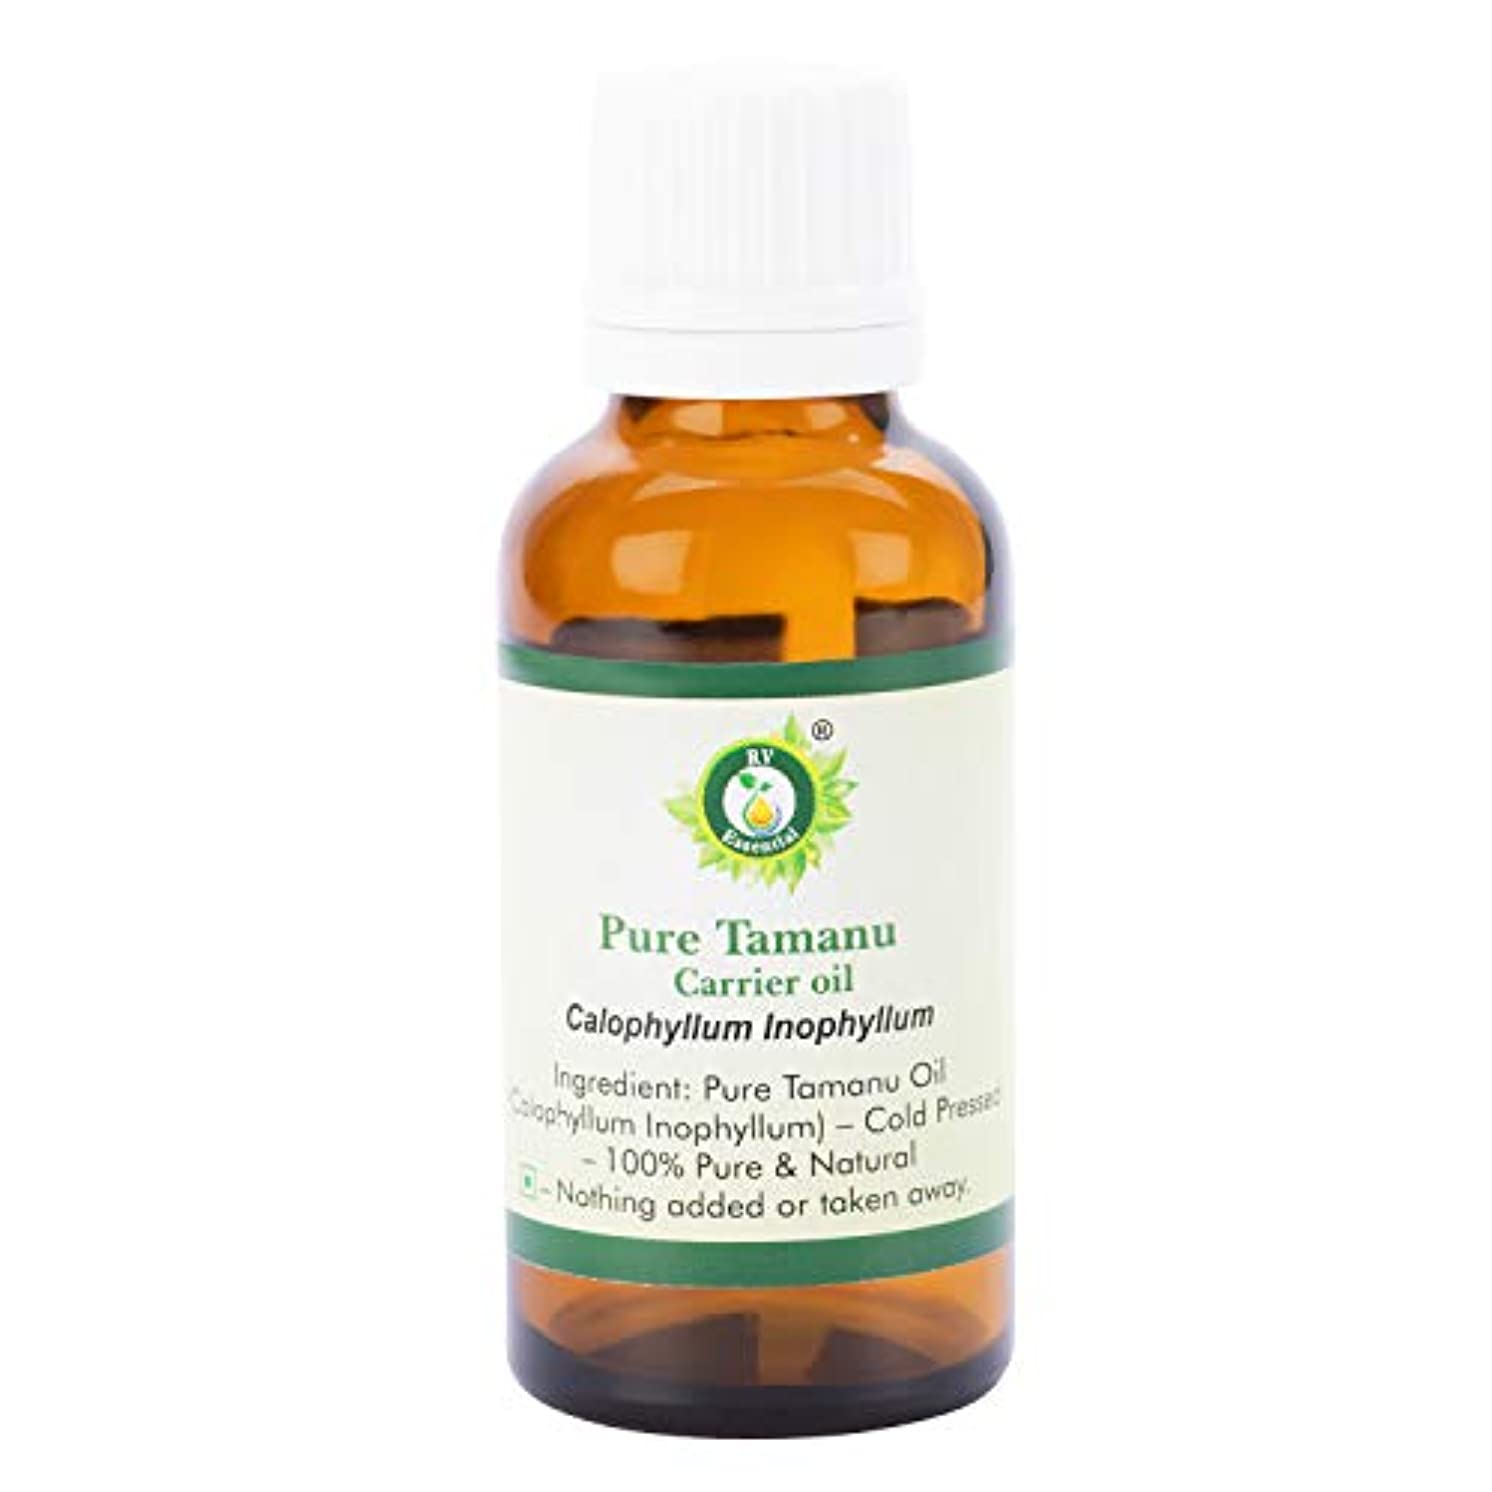 良性引退するベルベットピュアTamanuキャリアオイル30ml (1.01oz)- Calophyllum Inophyllum (100%ピュア&ナチュラルコールドPressed) Pure Tamanu Carrier Oil